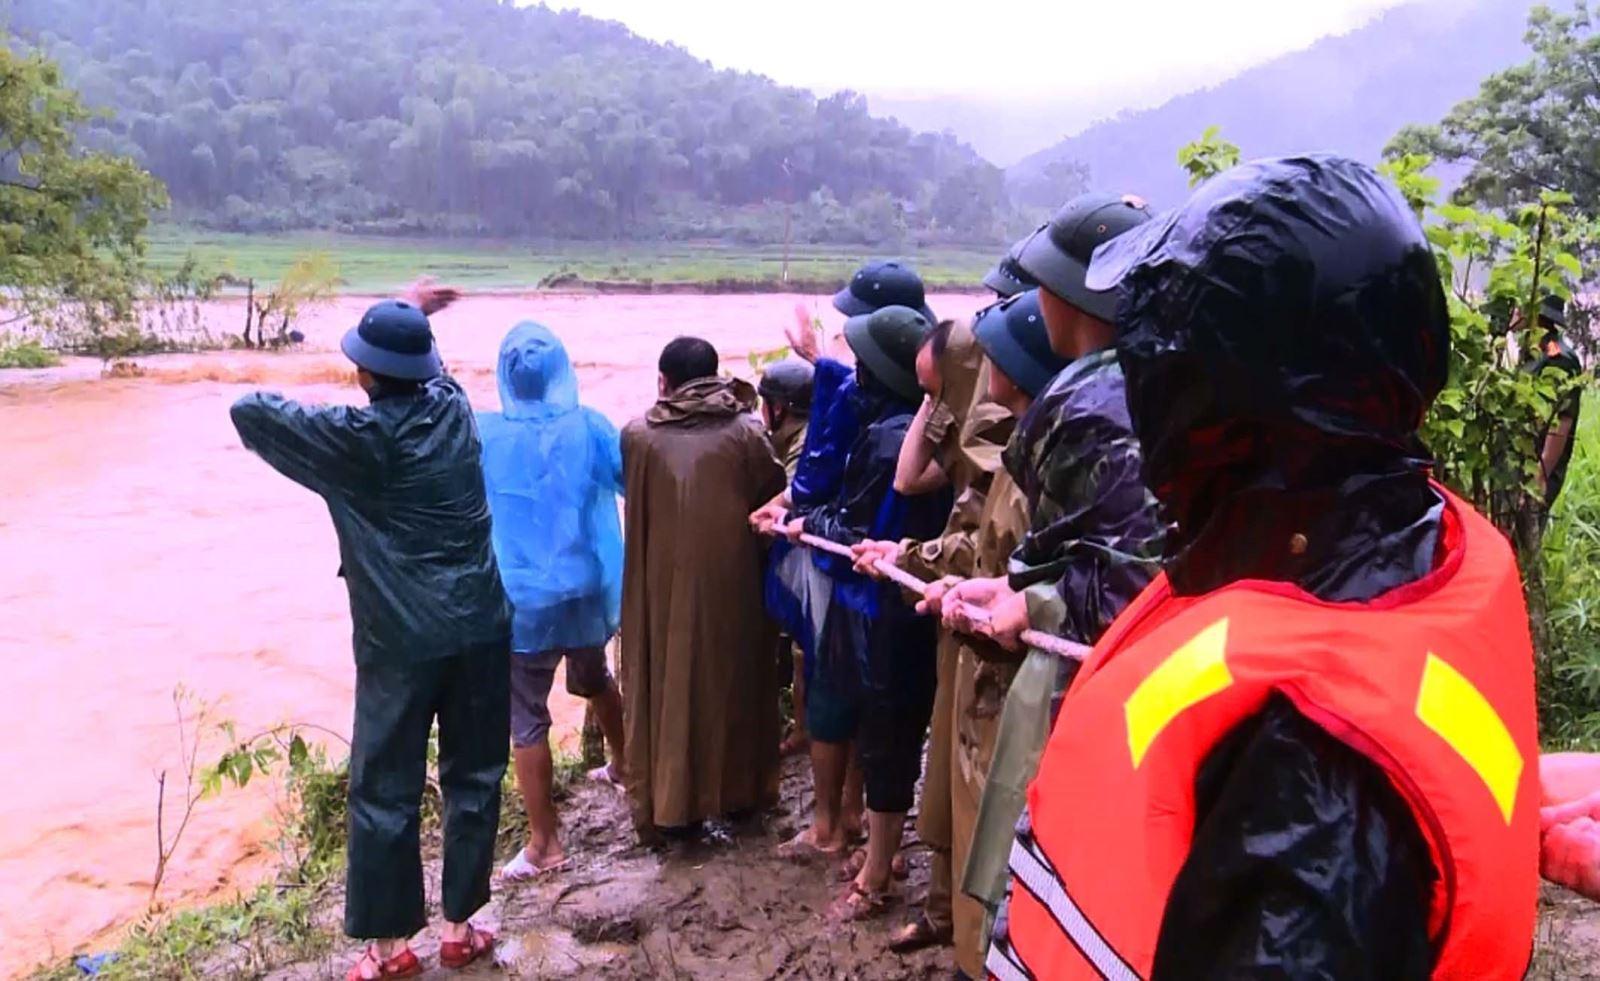 Bão số 3, Hình ảnh cuộc tìm kiếm 12 người bị lũ quét cuốn ở bản Xa Ná, Thời tiết, 12 người mất tích vì bão số 3, dự báo thời tiết áp thấp nhiệt đới, bản xa ná, thanh hóa